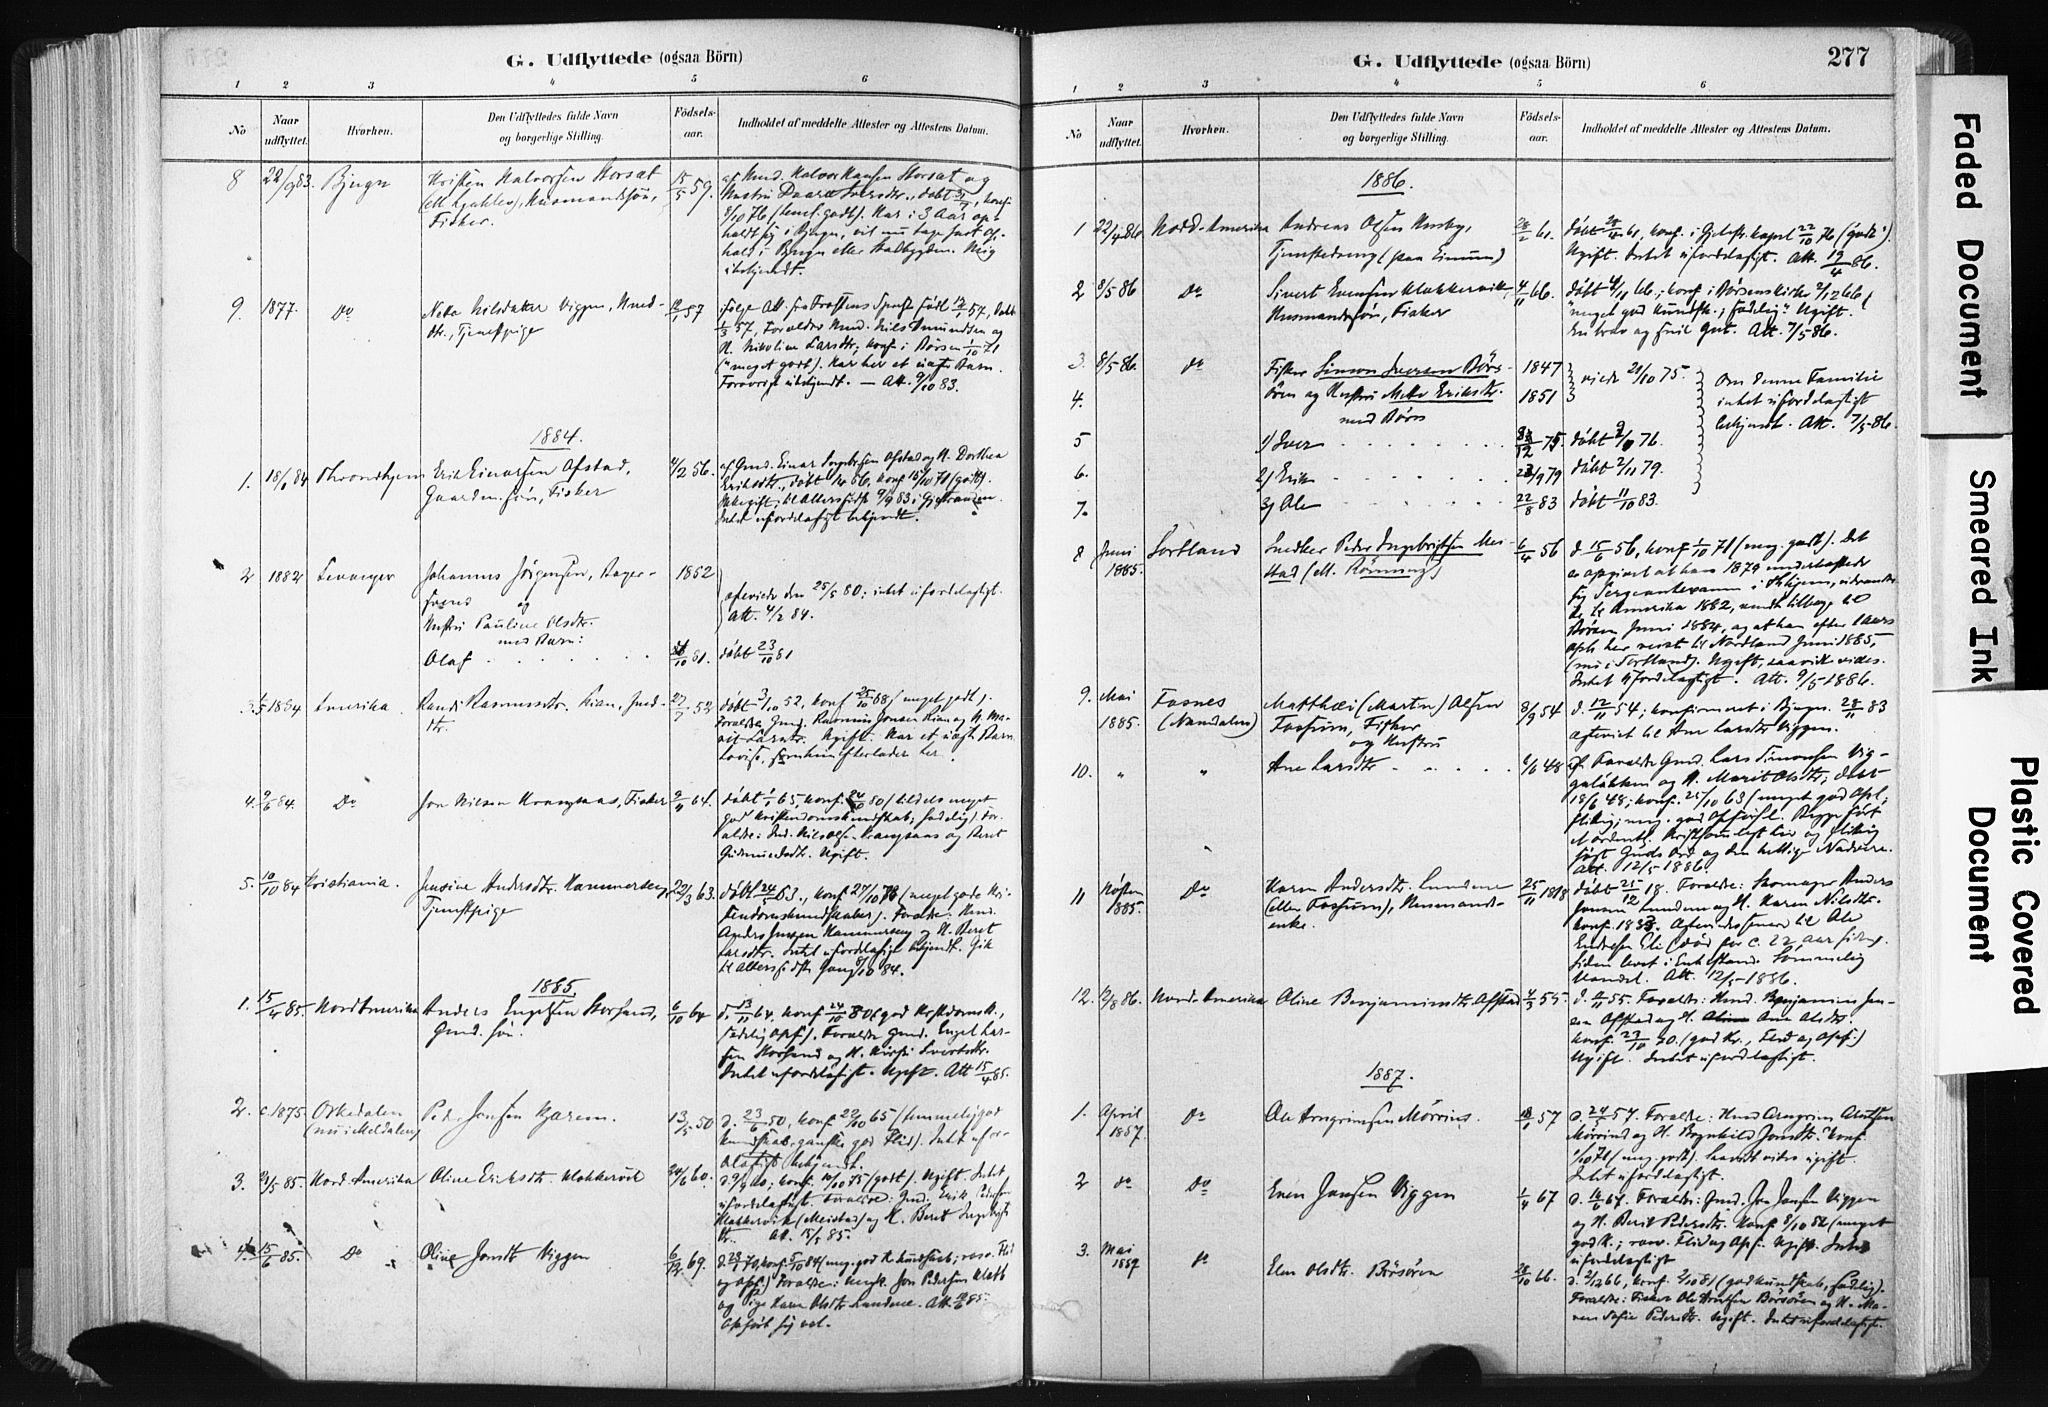 SAT, Ministerialprotokoller, klokkerbøker og fødselsregistre - Sør-Trøndelag, 665/L0773: Ministerialbok nr. 665A08, 1879-1905, s. 277